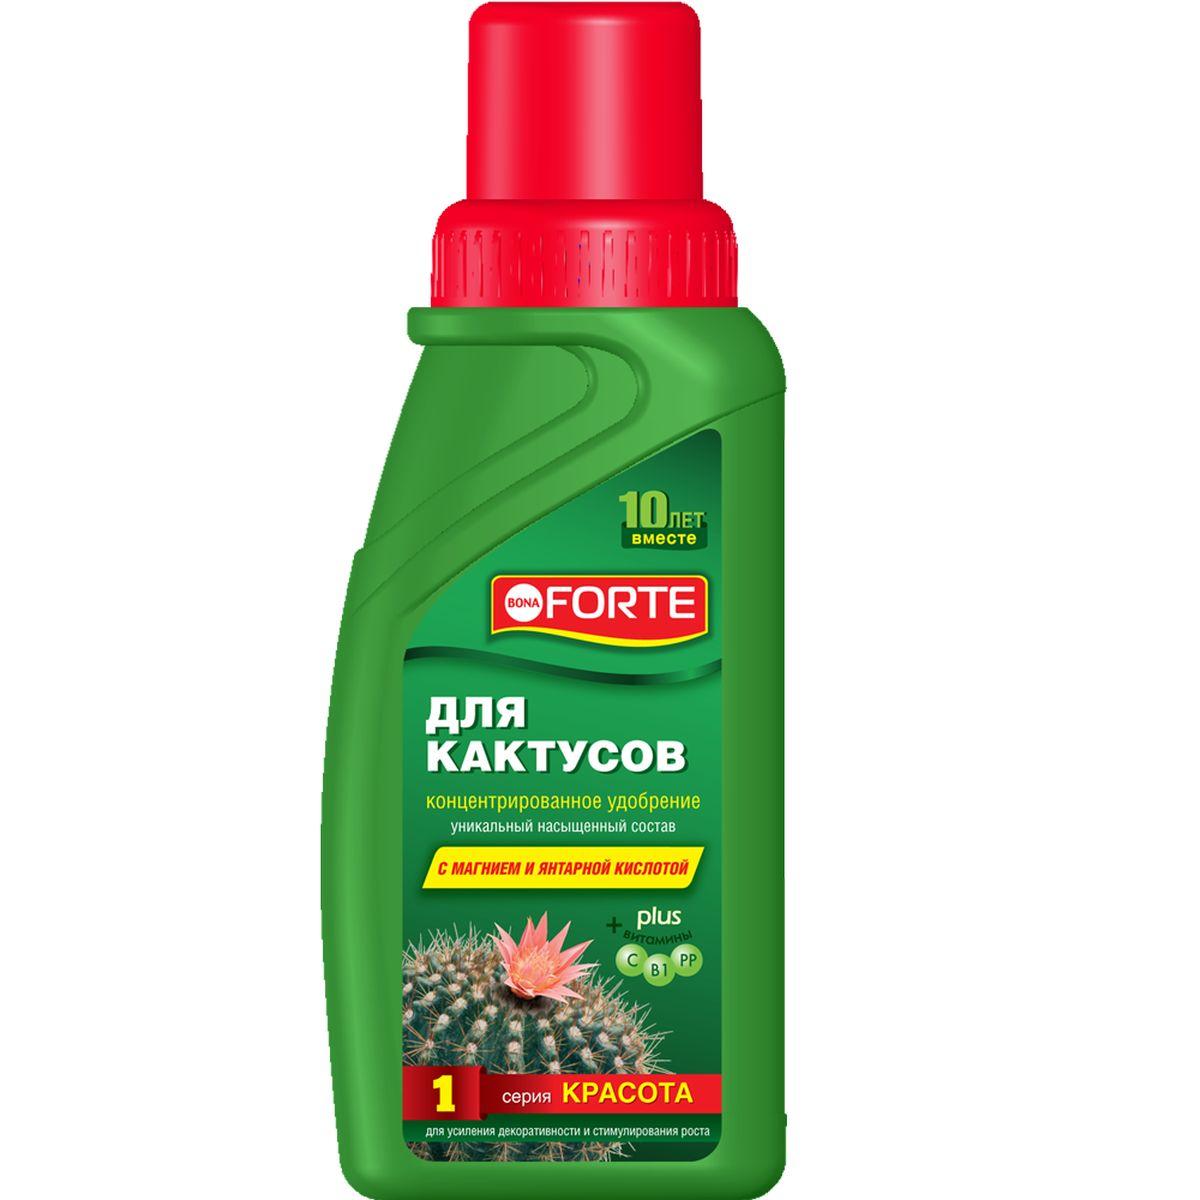 Жидкое комплексное удобрение Bona Forte, для кактусов, 285 млRSP-202SЖидкое комплексное удобрение для кактусов Bona Forte содержит полный комплекс веществ, необходимых для полноценного и сбалансированного питания растений:- высокая доля (15%) основных элементов (NPK), обеспечивающих усиленное питание для растений,- высокая доля (0,3%) мезоэлемента (Mg), усиливающего процесс фотосинтеза,- комплекс основных микроэлементов в хелатной форме, что способствует полному их усвоению и пролонгированному действию,- комплекс витаминов для поддержания и укрепления иммунной системы растений,- регулятор роста для стимулирования роста растений.Состав:- три основных макроэлемента (NPK): азот (N)-3%, фосфор (P2O5)-5%, калий(K2O)-7%,- основной мезоэлемент (Mg): магний (MgO)-0,3%,- семь микроэлементов: бор, железо, марганец, цинк, медь, молибден, кобальт,- комплекс витаминов: B1, PP, С,- стимулятор роста: янтарная кислота. Товар сертифицирован.